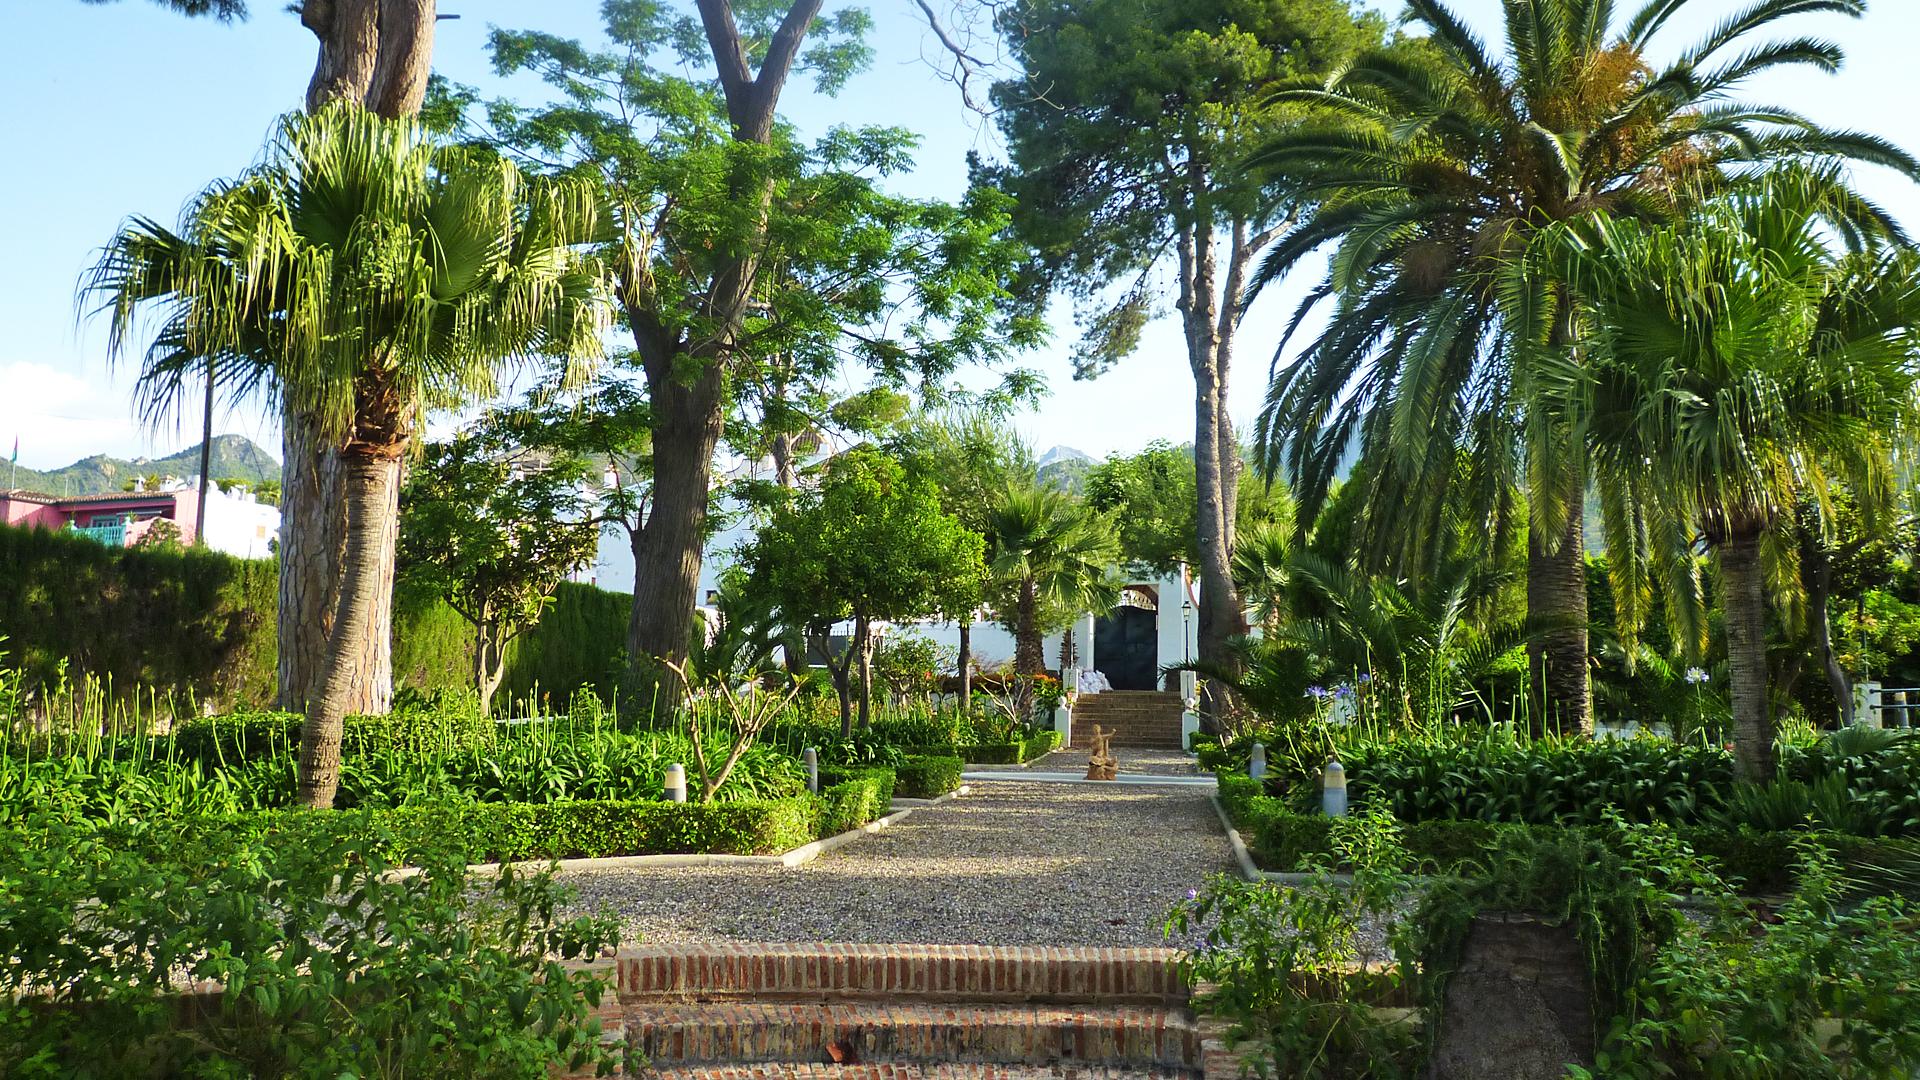 Empresa de jardines m laga jardines molymar - Empresas de jardineria en malaga ...